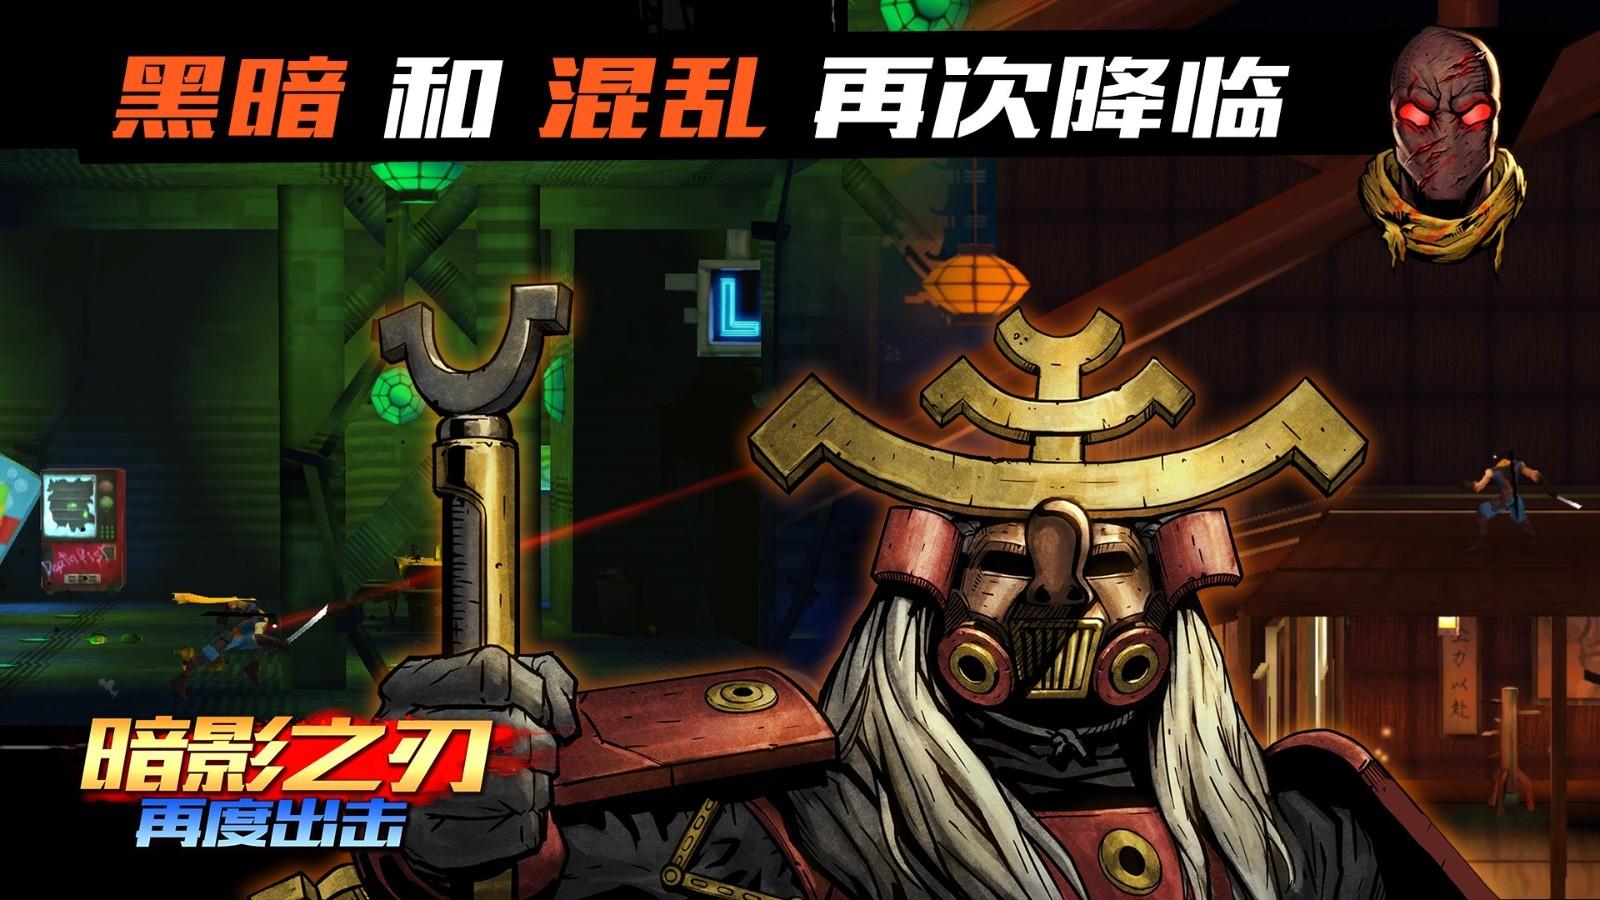 暗影之刃再度出击中文安卓版截图3